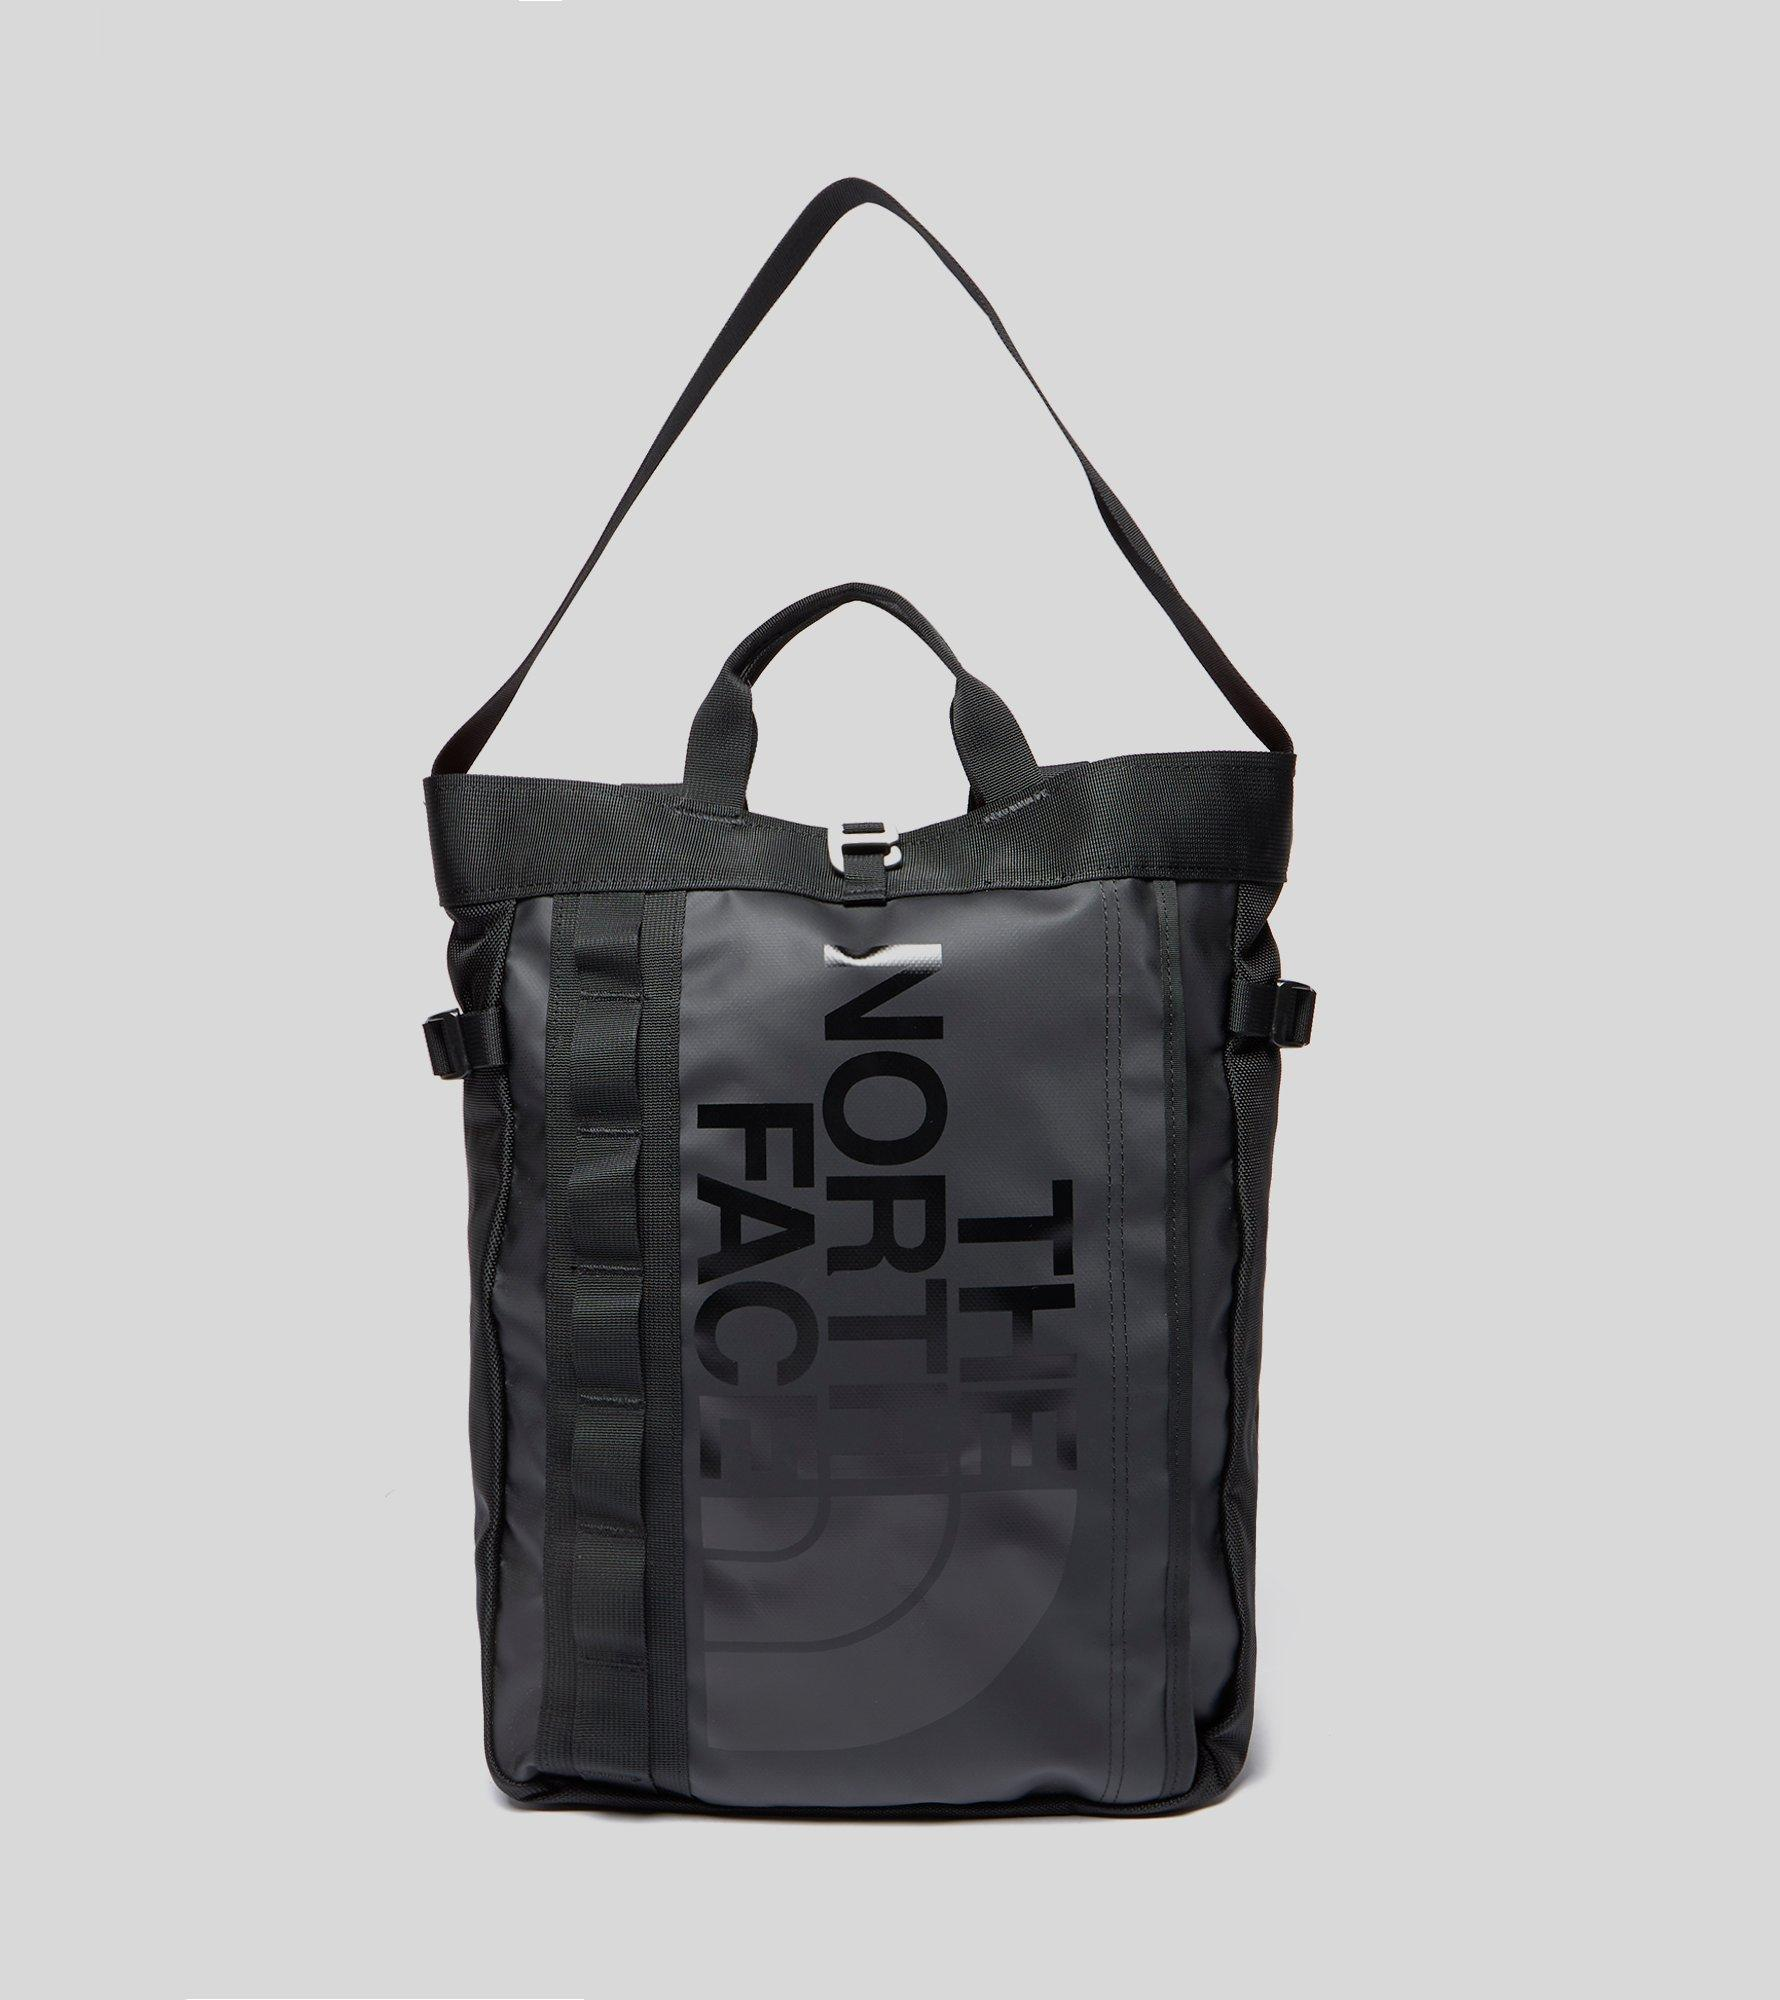 the north face base camp fuse box tote bag size? Panel Distribution the north face base camp fuse box tote bag